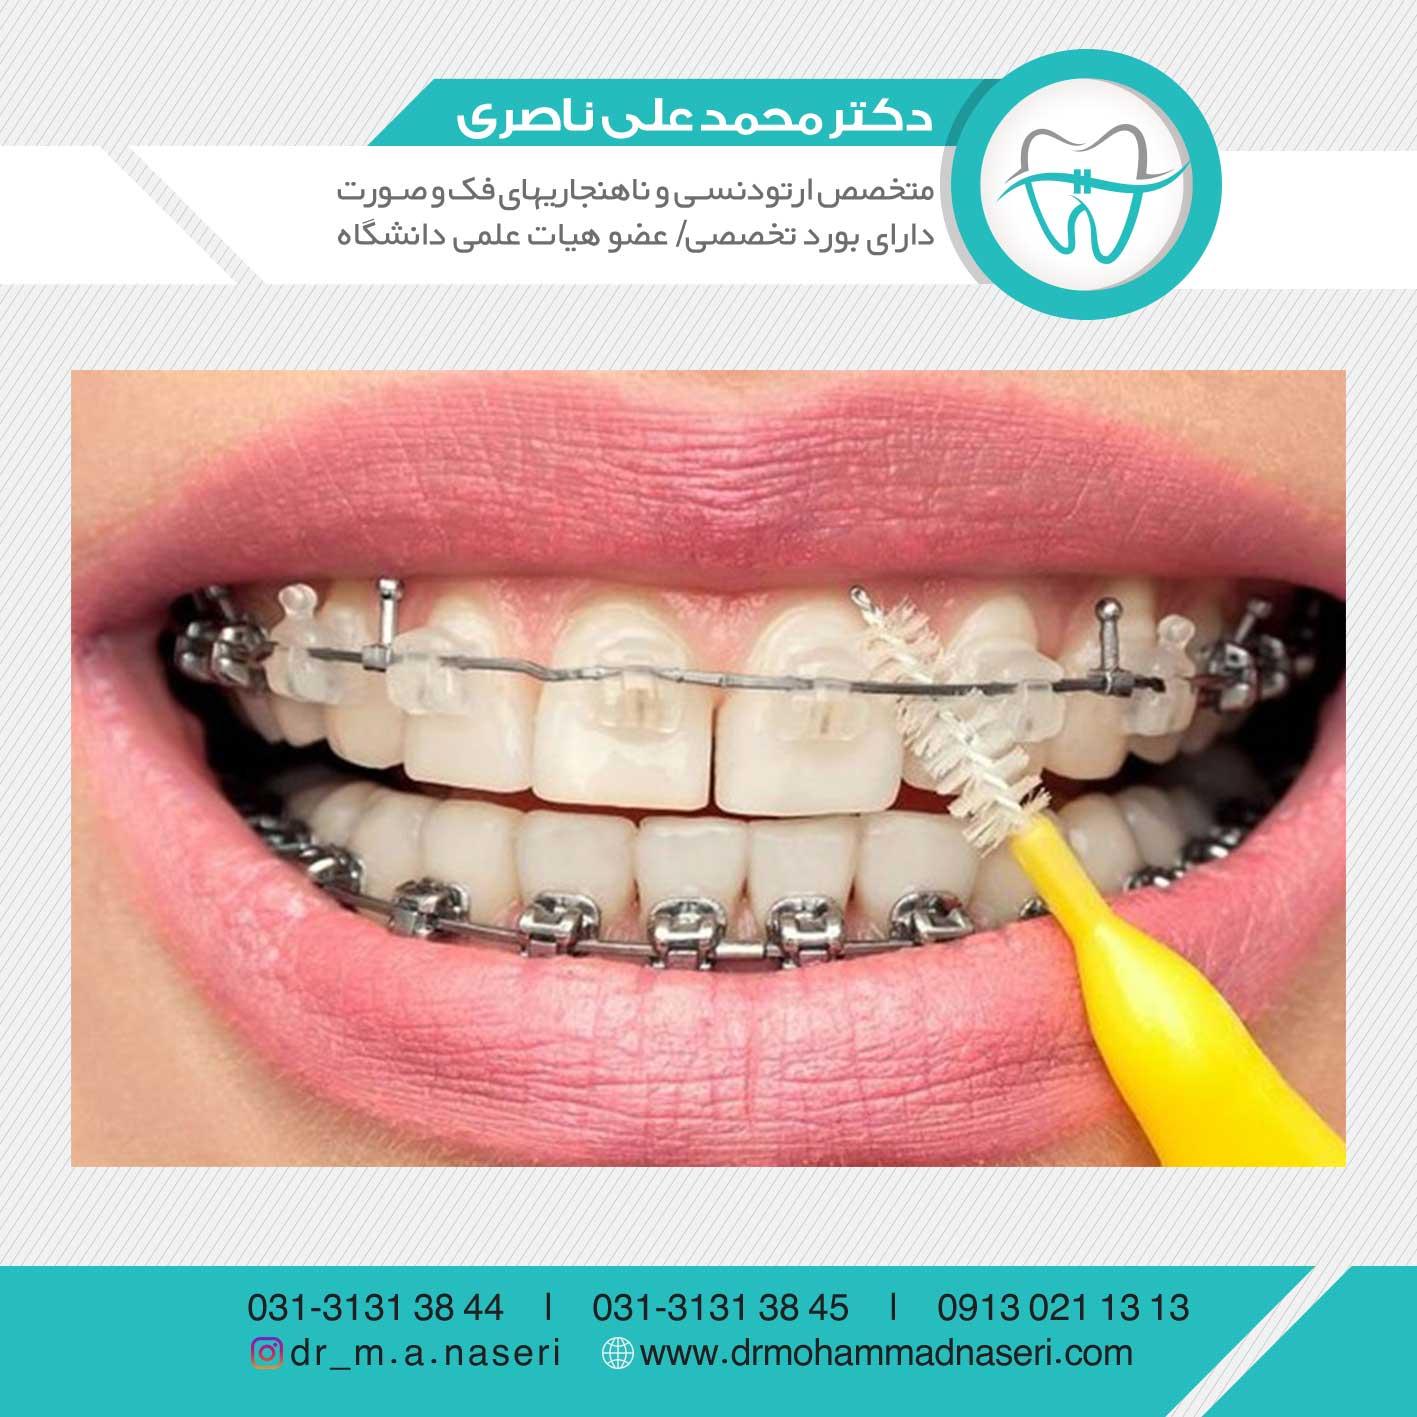 مراقبت از دندان ها در حین درمان ارتودنسی